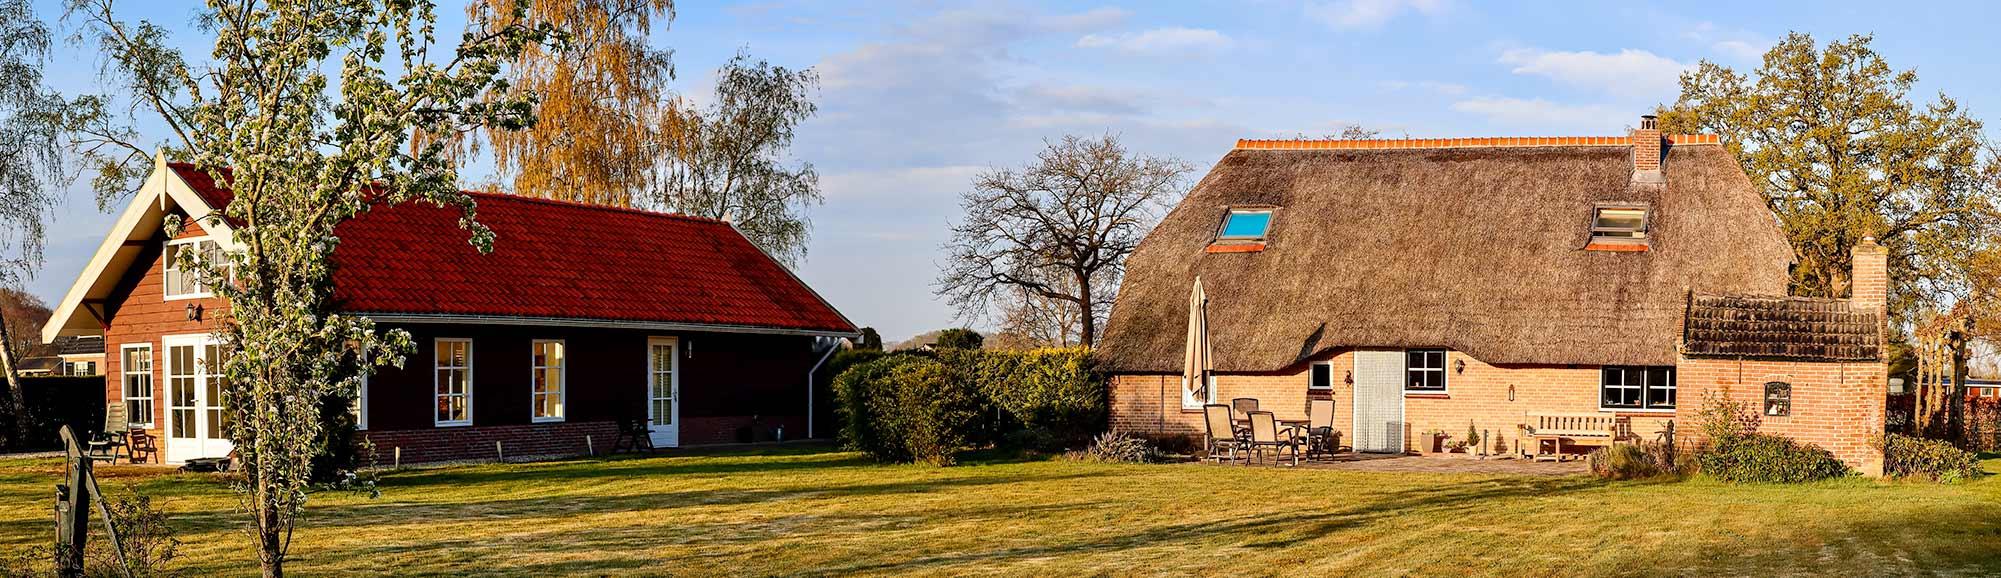 Atma gebouw Doornspijk Veluwe